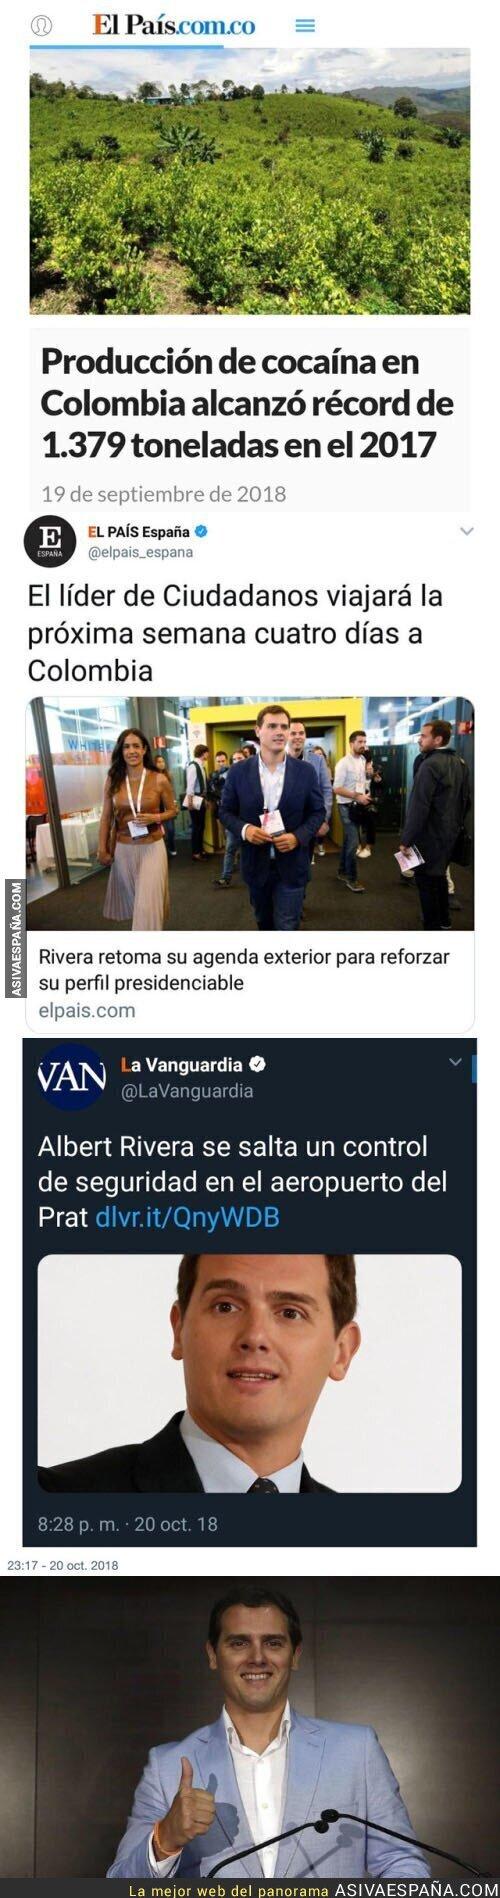 95619 - Unas cuantas noticias juntas para entender la situación de Albert Rivera